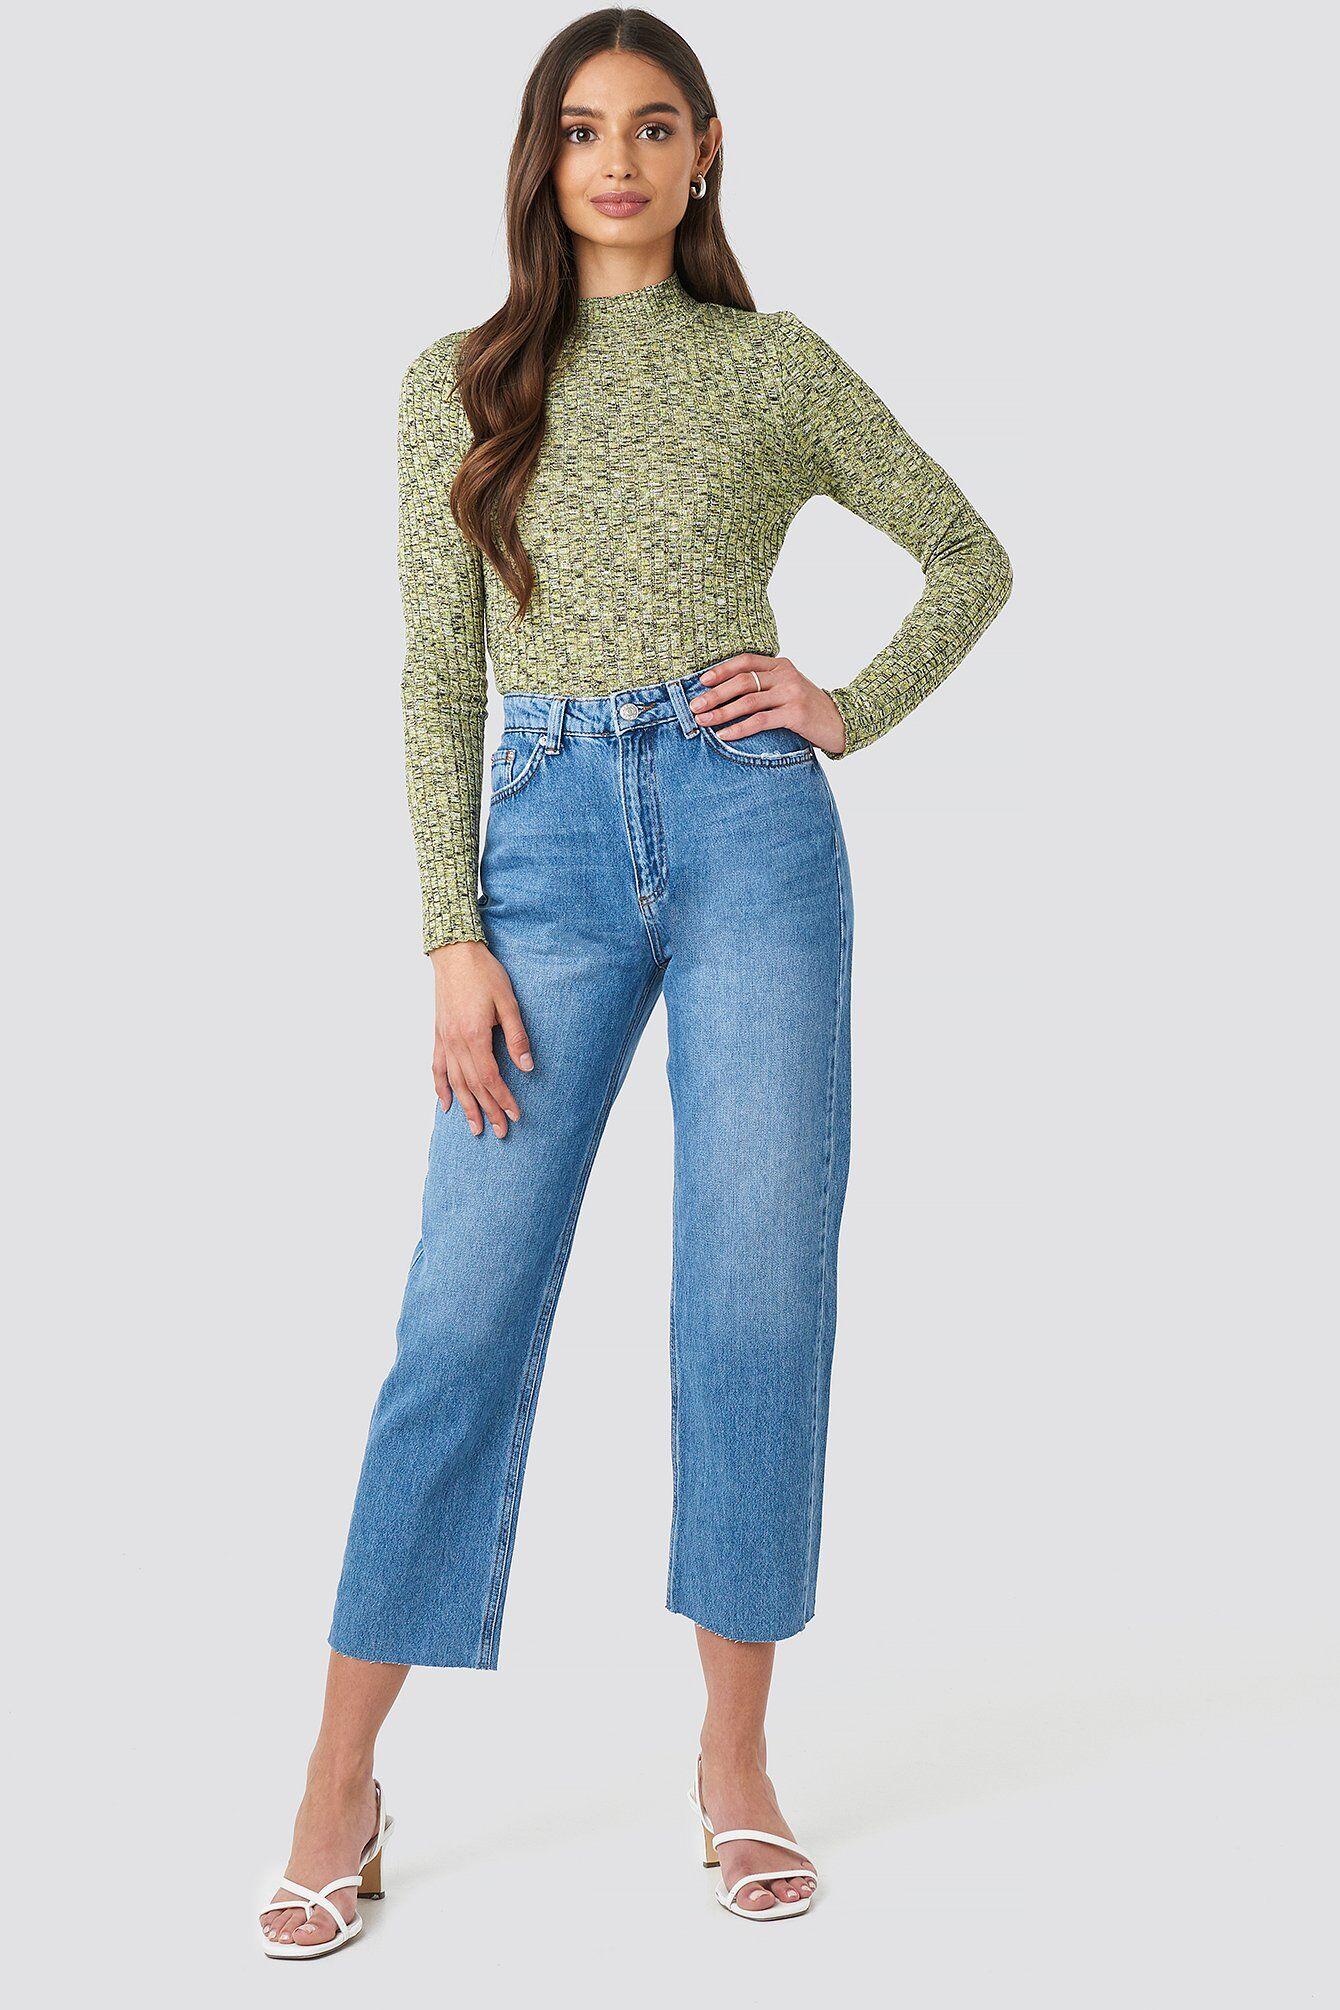 NA-KD Raw Hem Straight Jeans - Blue  - Size: EU 32,EU 34,EU 36,EU 38,EU 40,EU 42